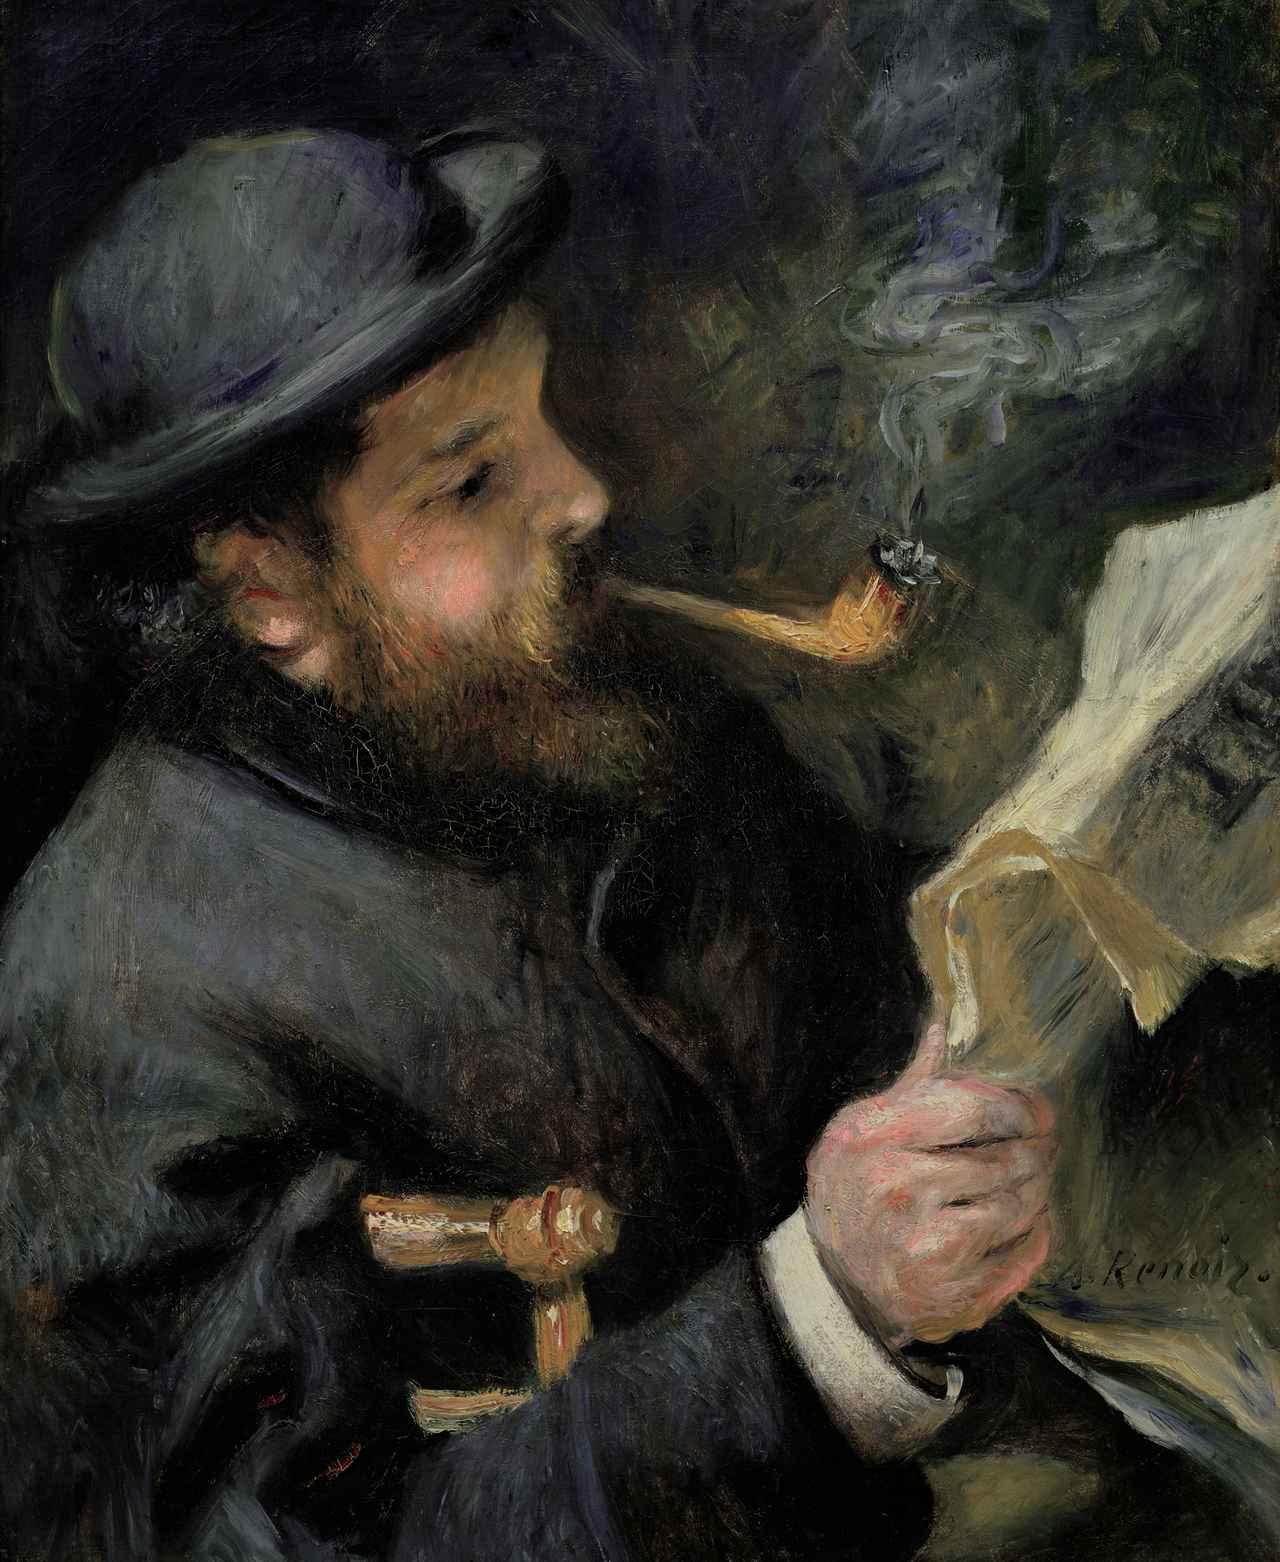 画像: ピエール=オーギュスト・ルノワール 《新聞を読むクロード・モネ》 1873年 Musée Marmottan Monet, Paris © Bridgeman-Giraudon